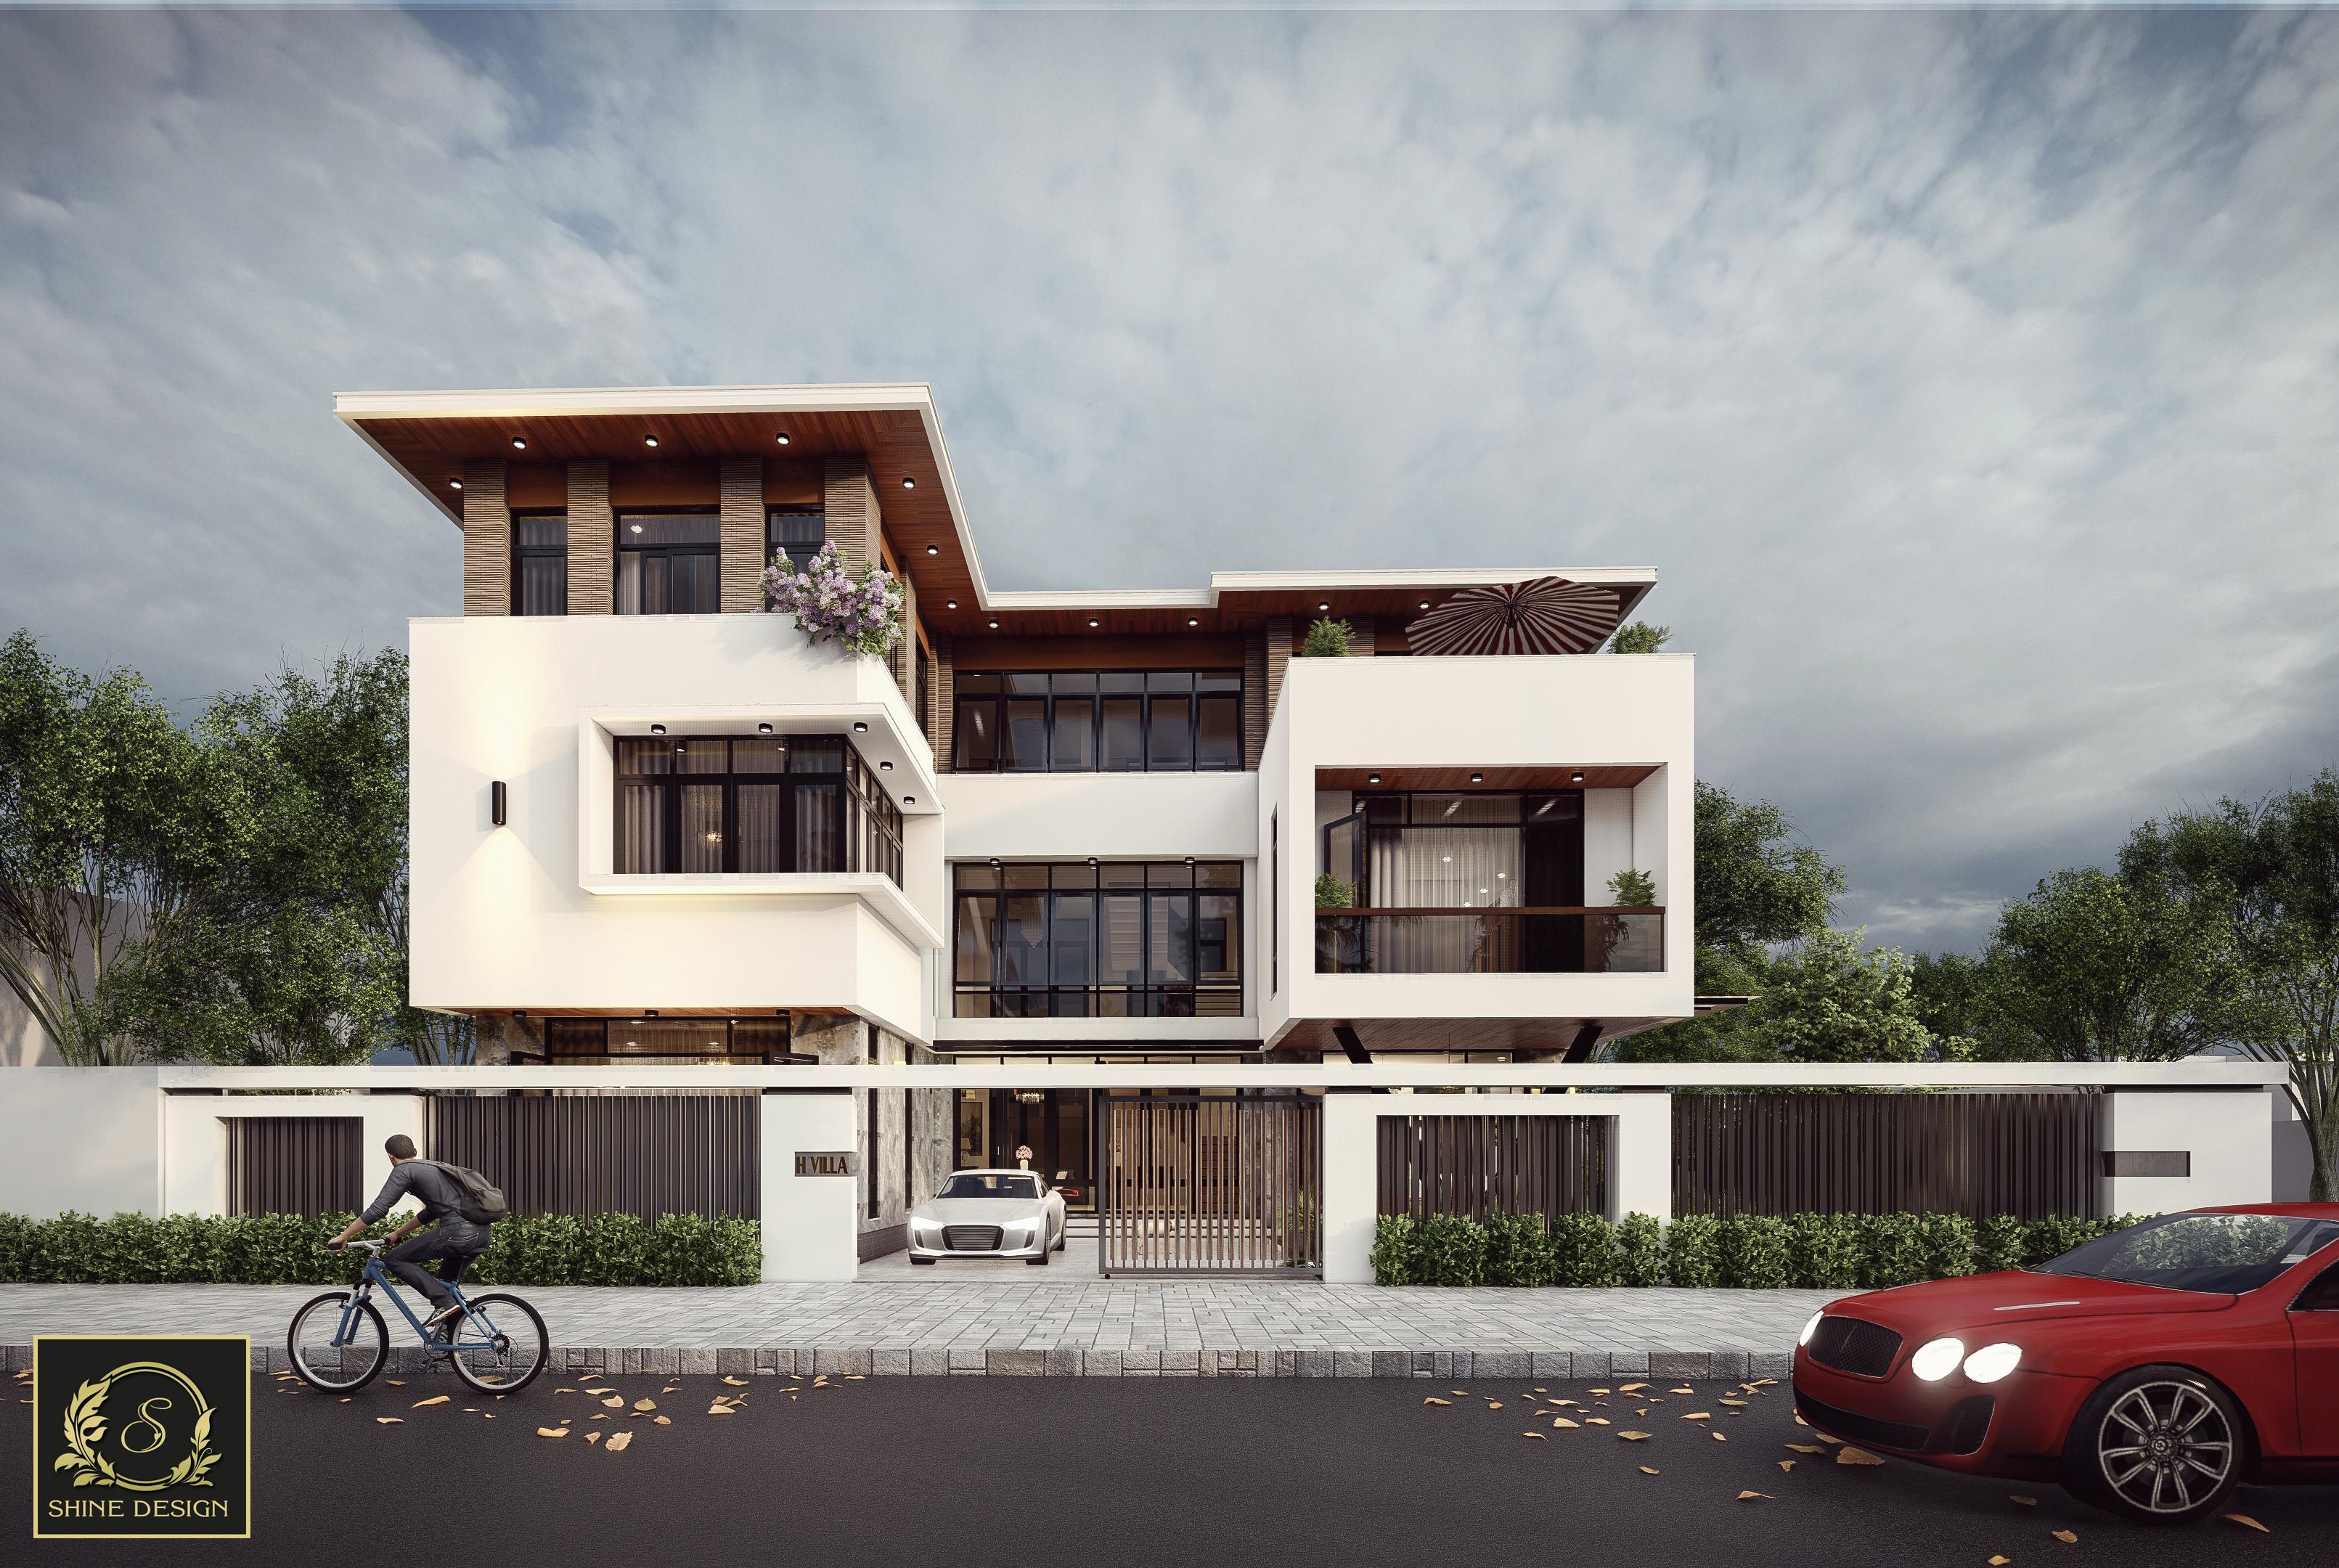 Thiết kế Biệt Thự tại Thanh Hóa H Villa 1576576838 1